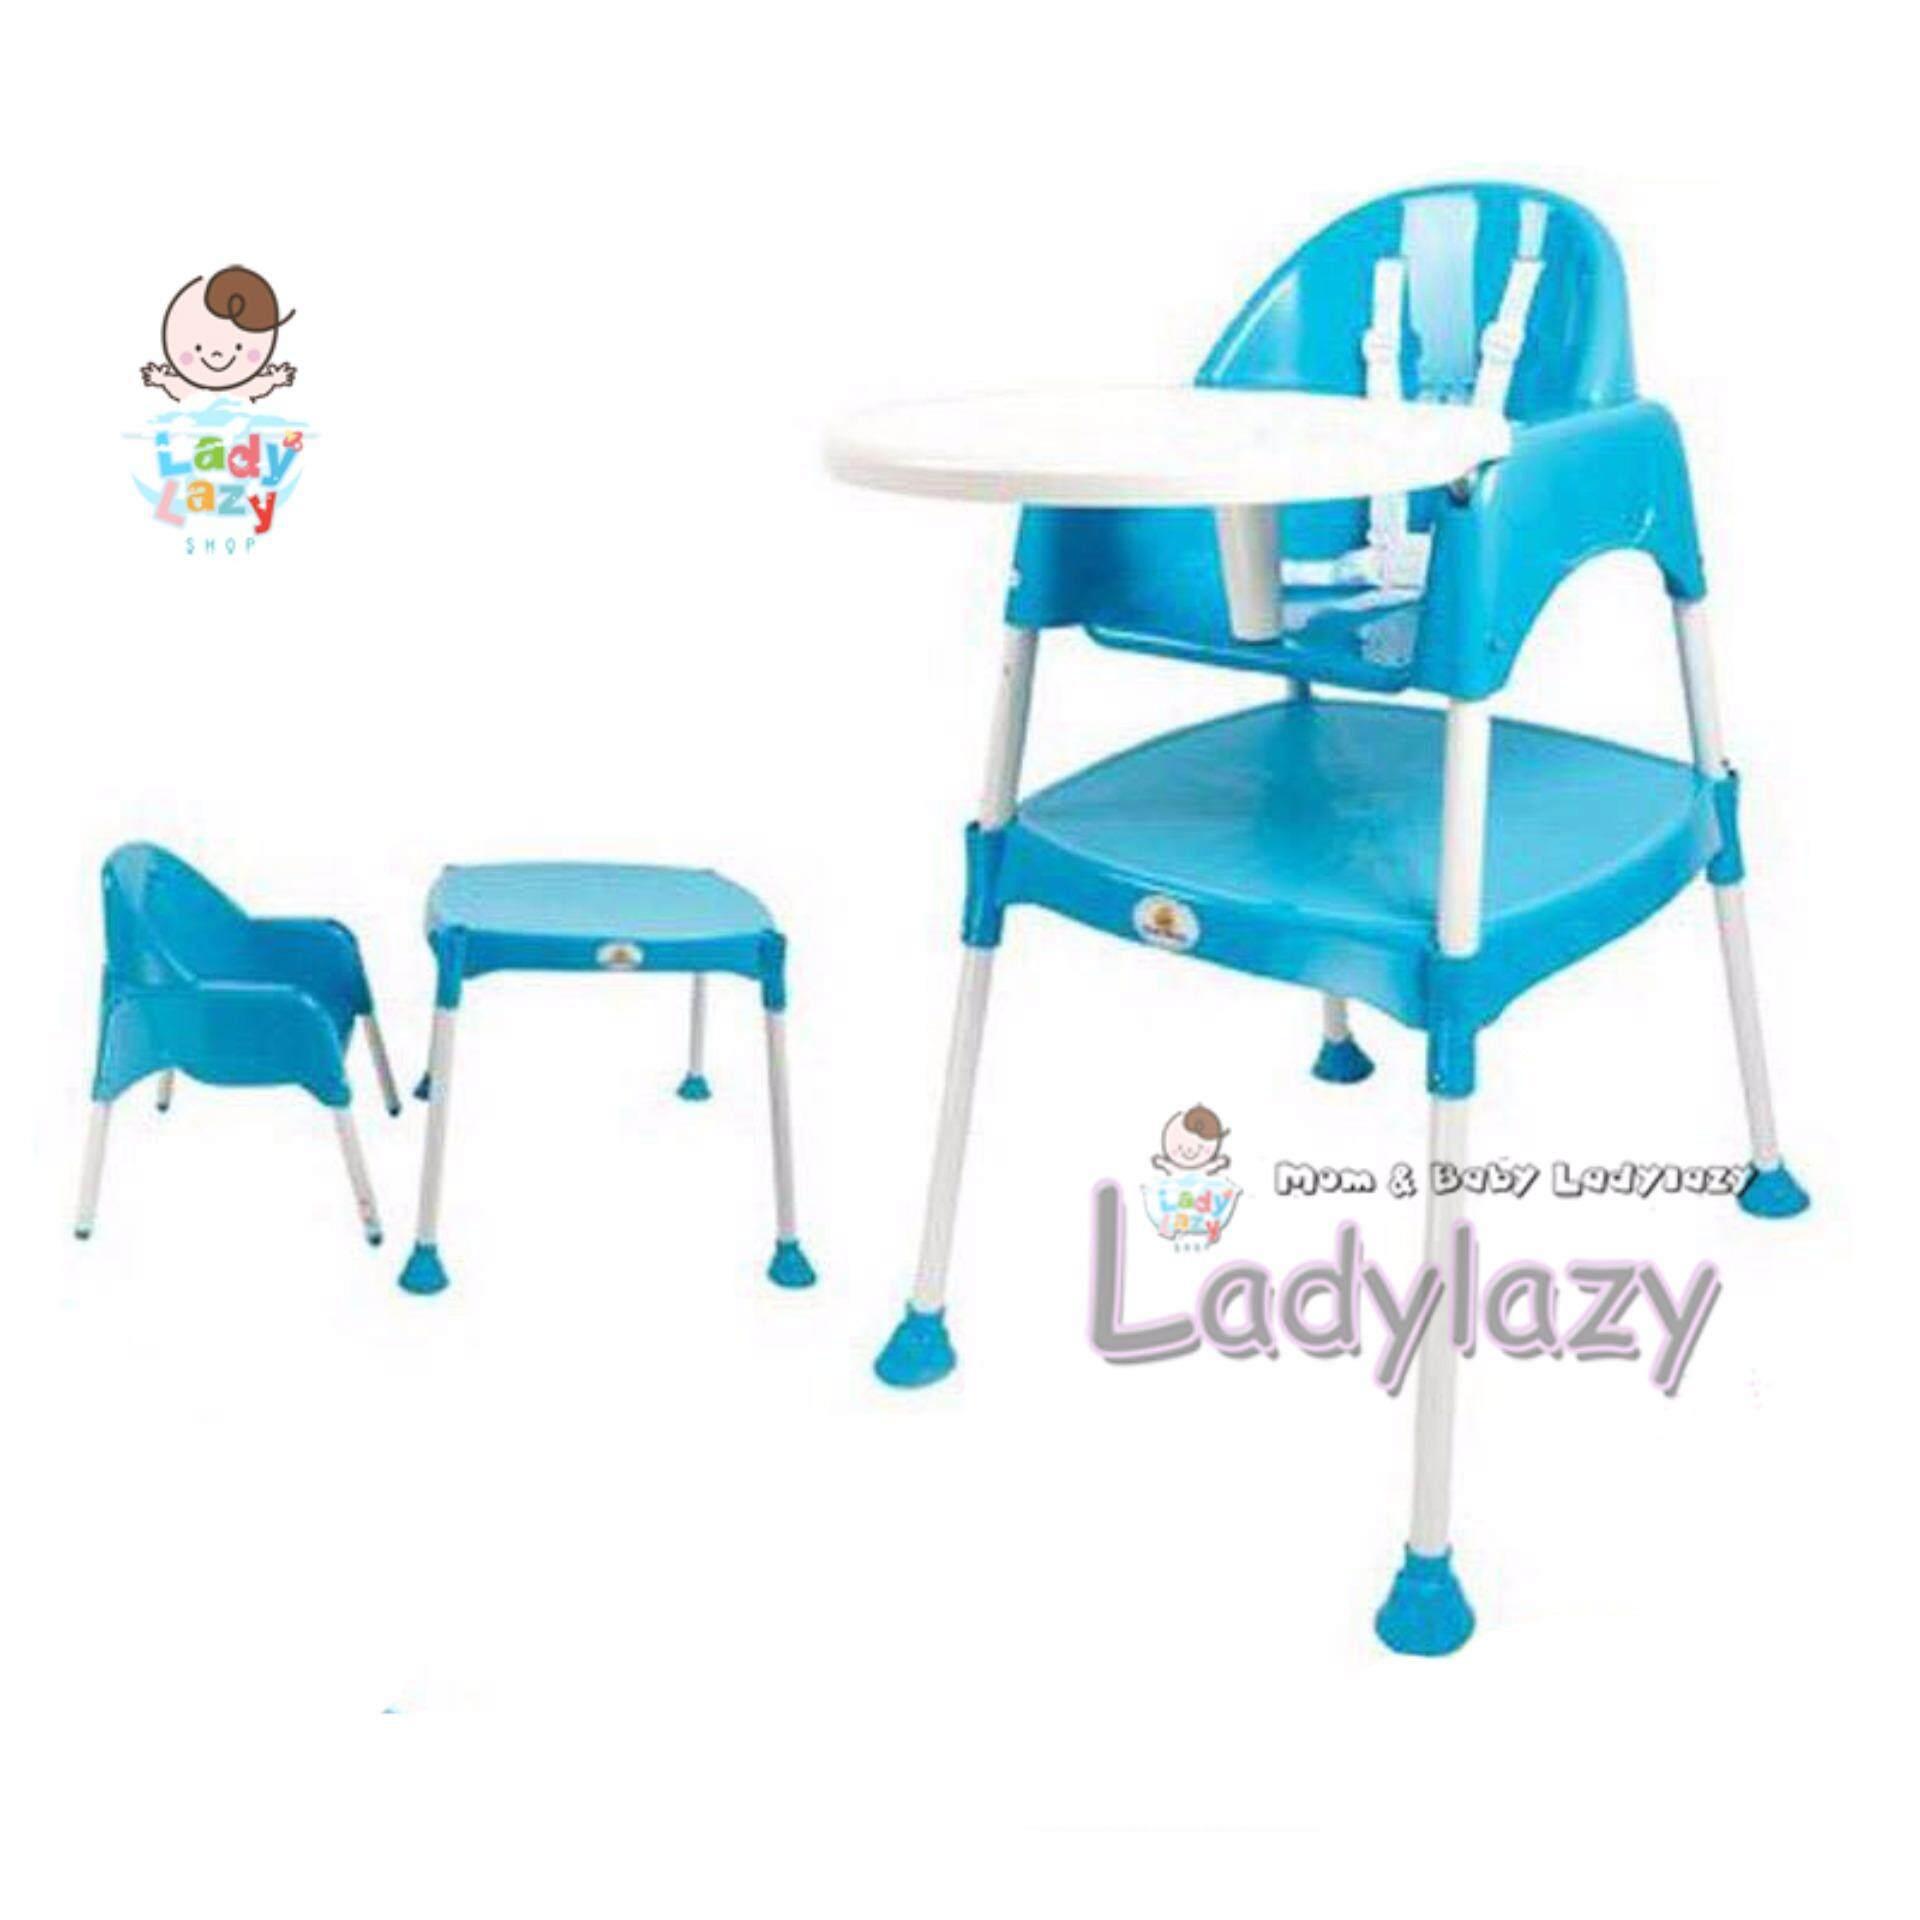 ซื้อที่ไหน Ladylazy โต๊ะเก้าอี้กินข้าวเด็กทรงสูง 3in1 สีฟ้า